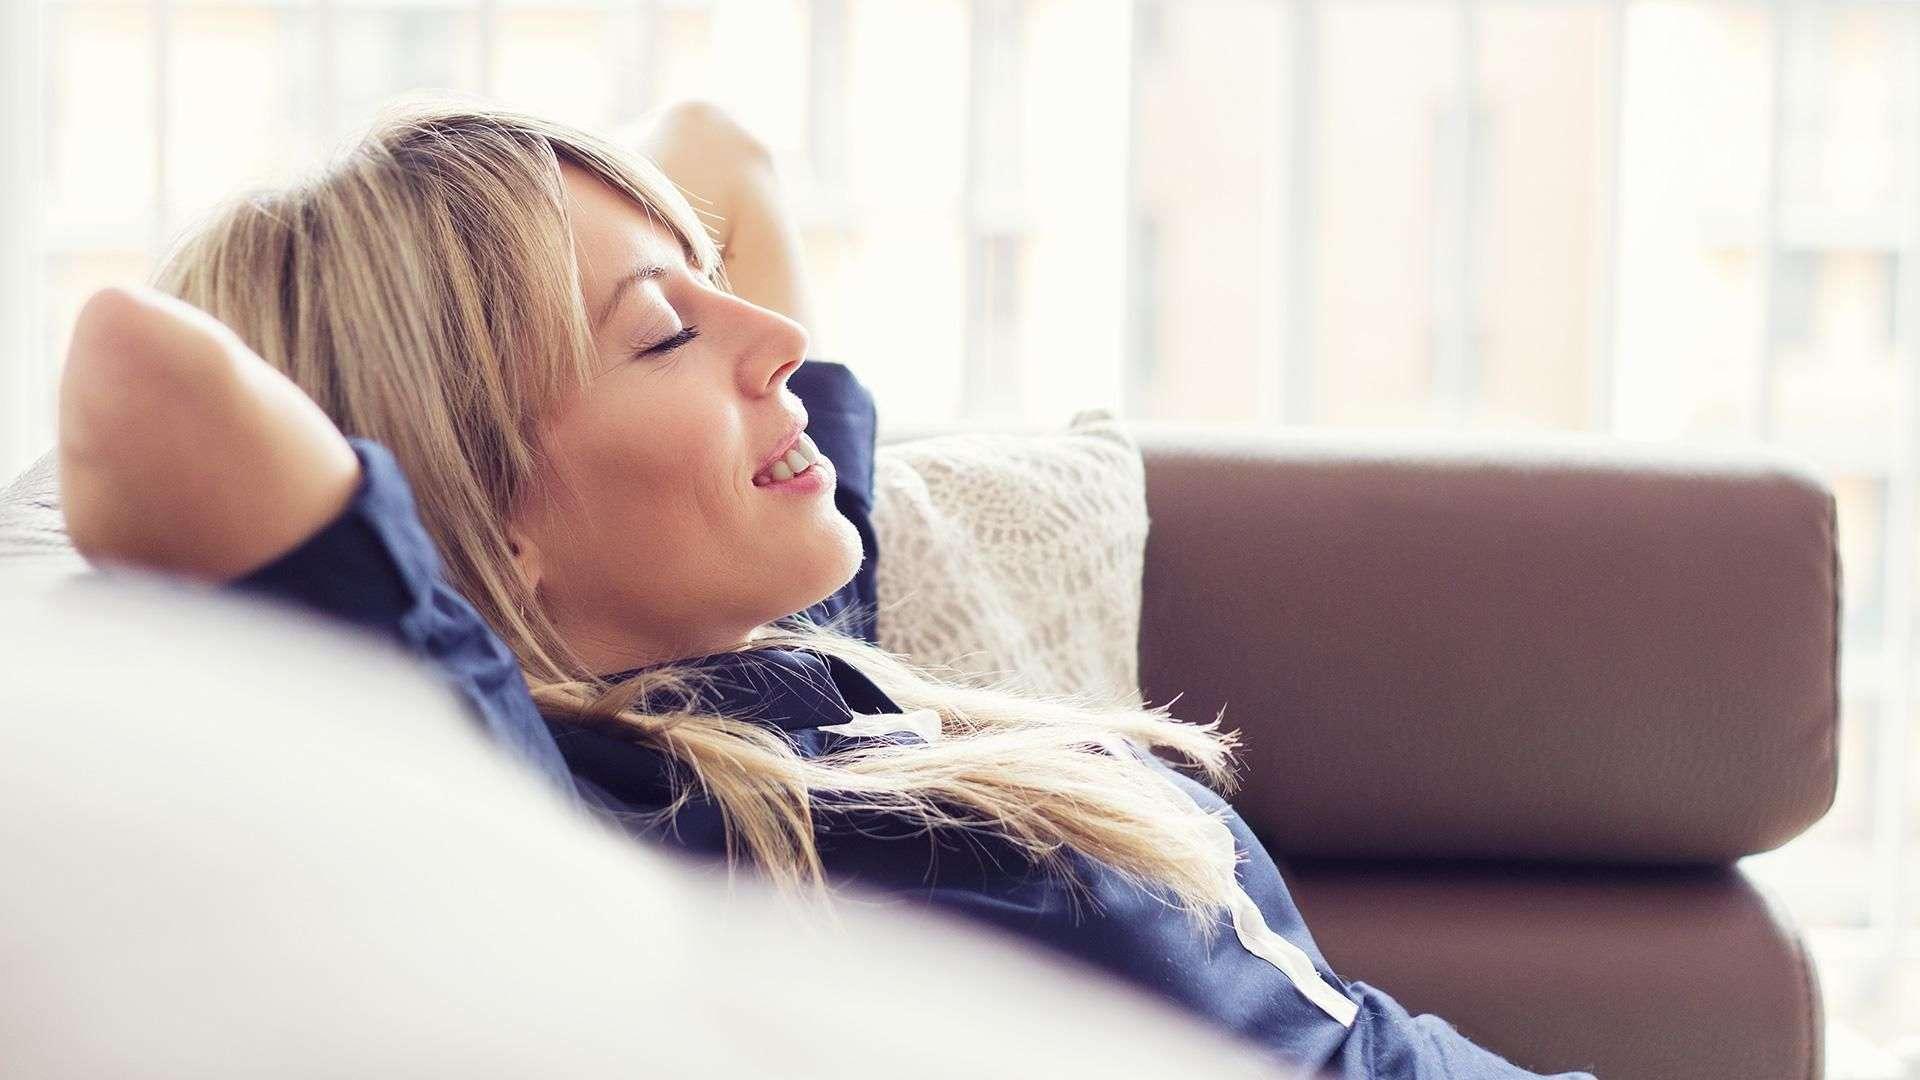 Frau liegt mit geschlossenen Augen und Armen hinter dem Kopf auf dem Sofa